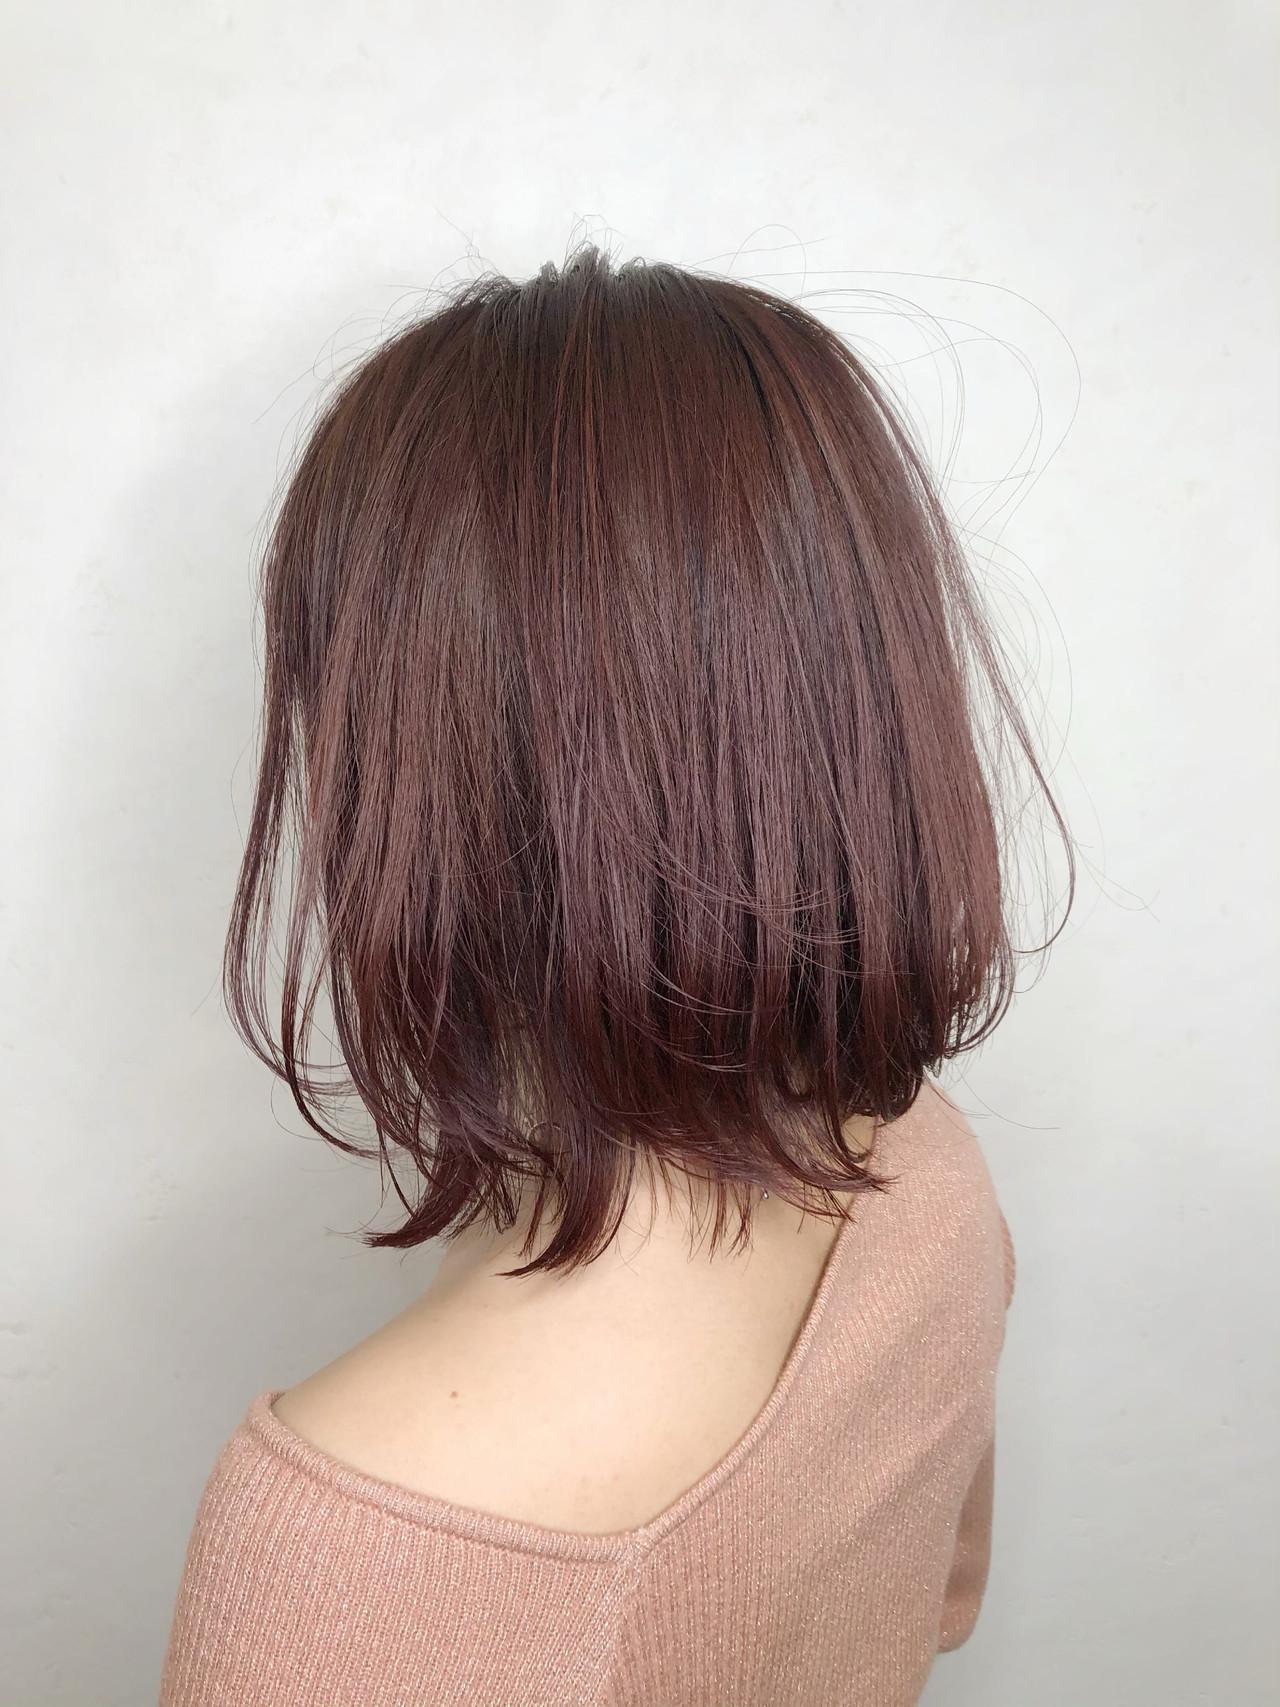 ピンクパープル ラズベリーピンク フェミニン ピンクベージュ ヘアスタイルや髪型の写真・画像